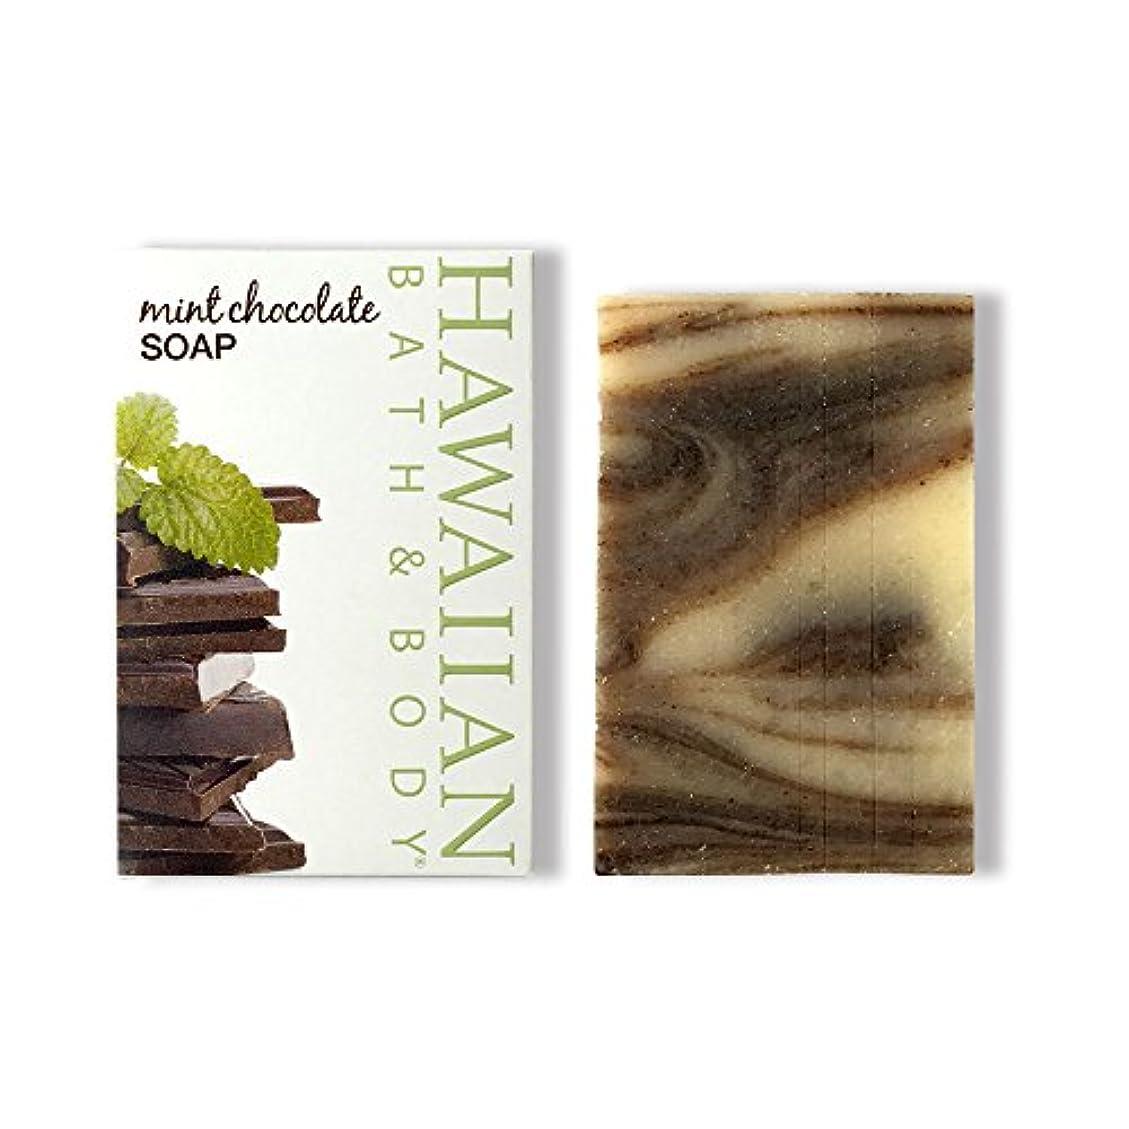 着替える管理するネットハワイアンバス&ボディ ハワイアン?ミントチョコレートソープ ( Hawaii Mint Chocolate Soap )